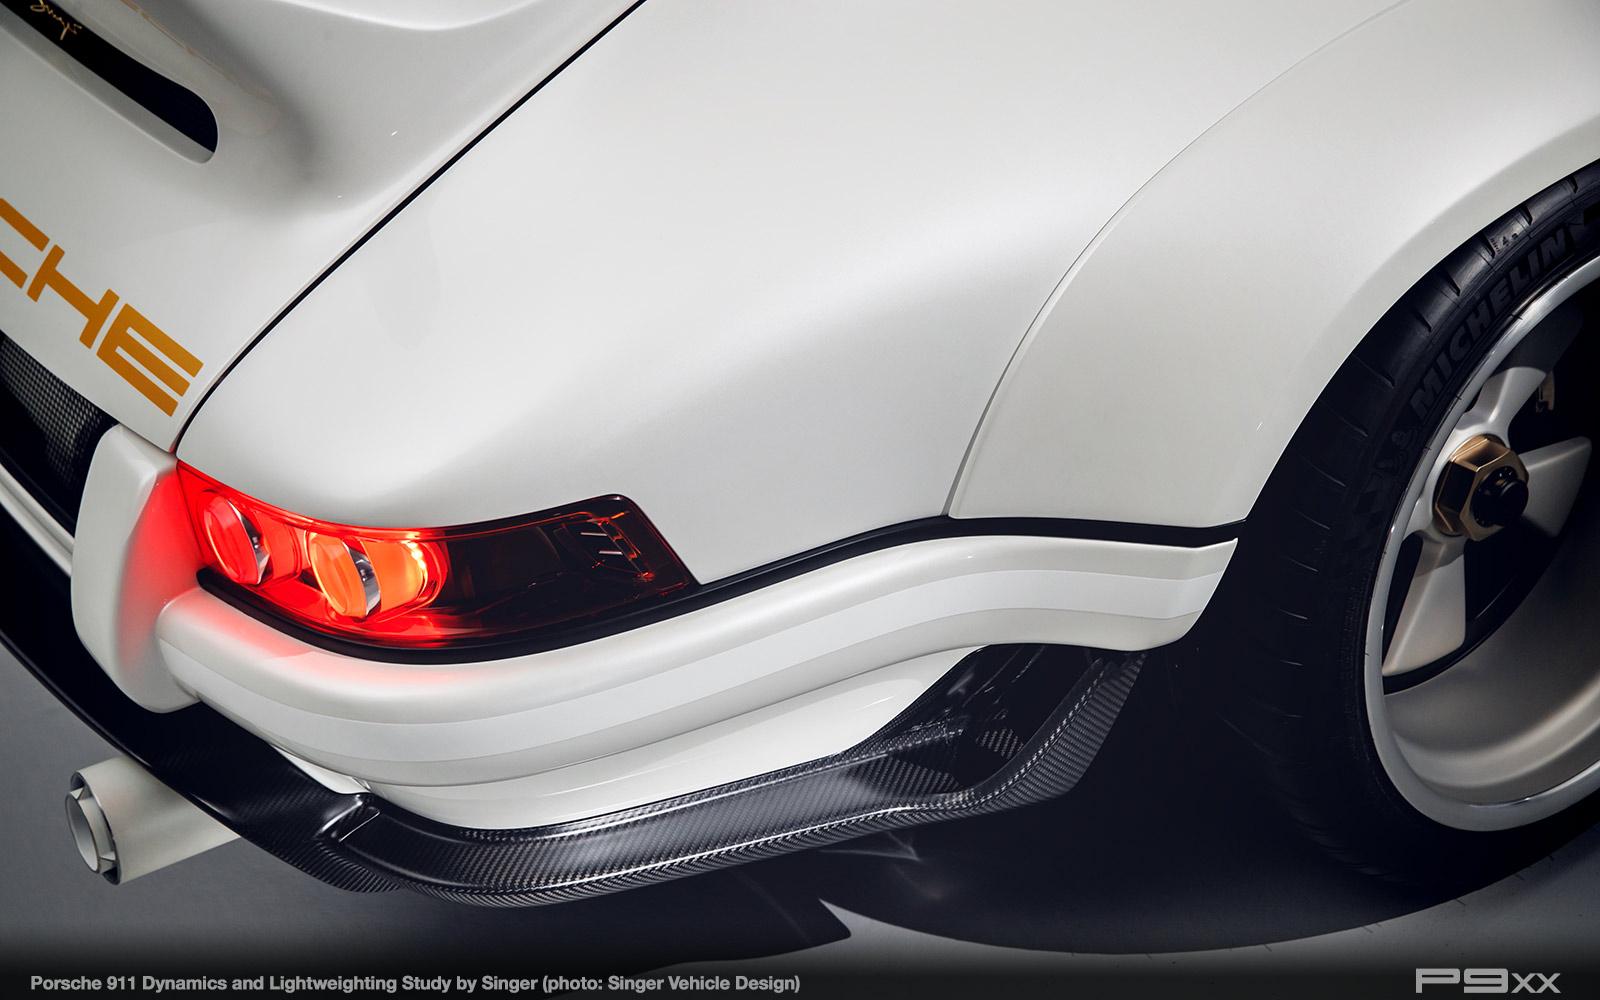 Singer-DLS-Porsche-911-305